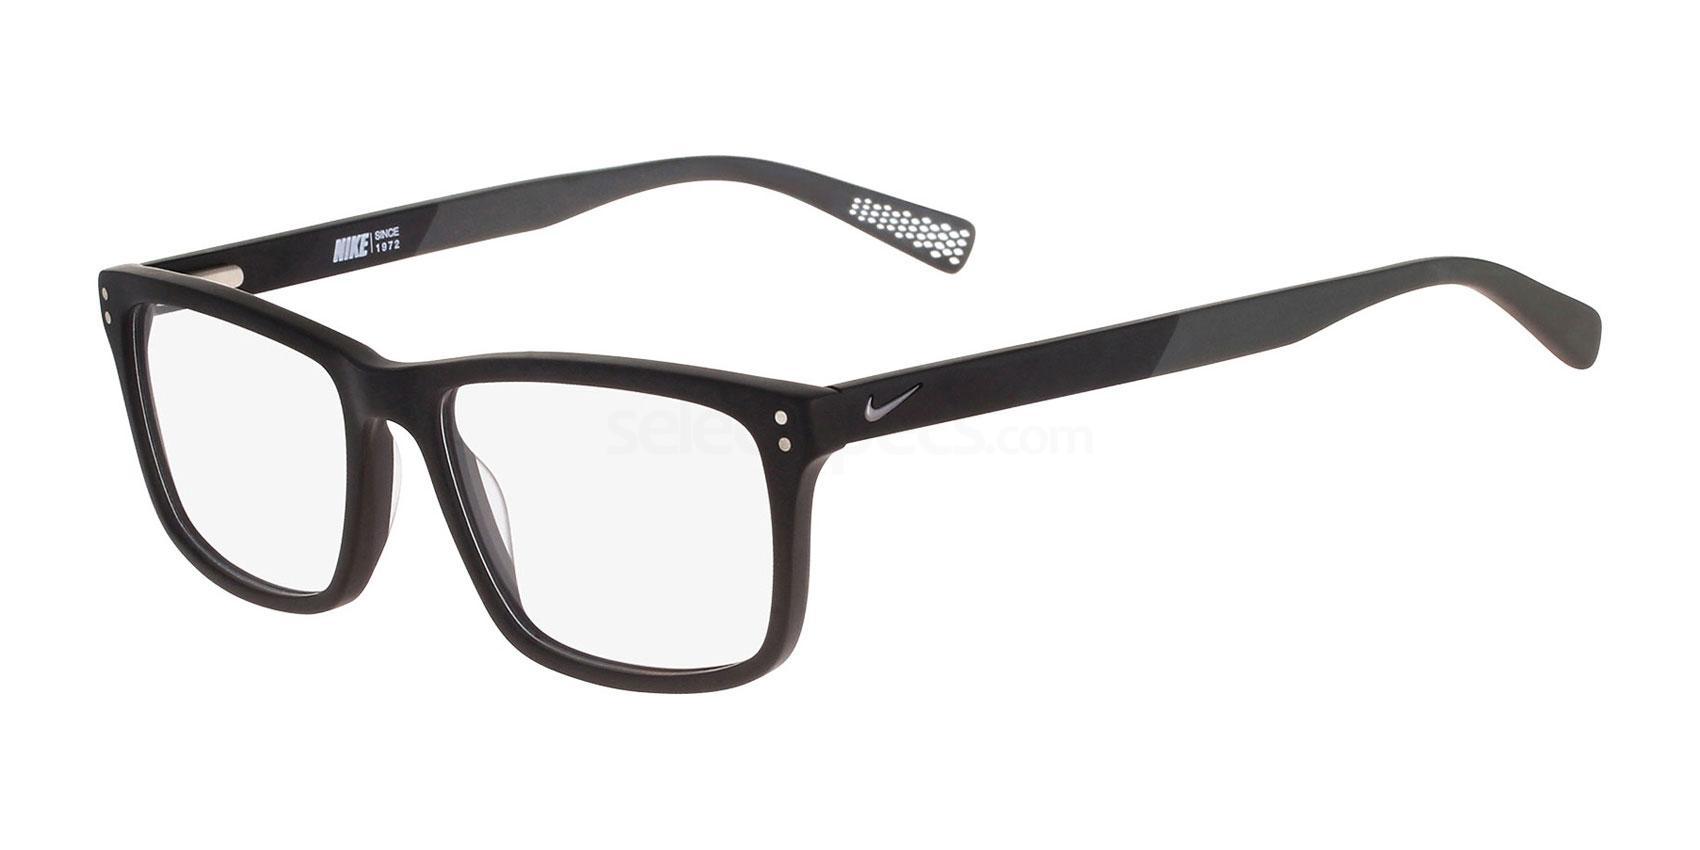 010 7238 Glasses, Nike